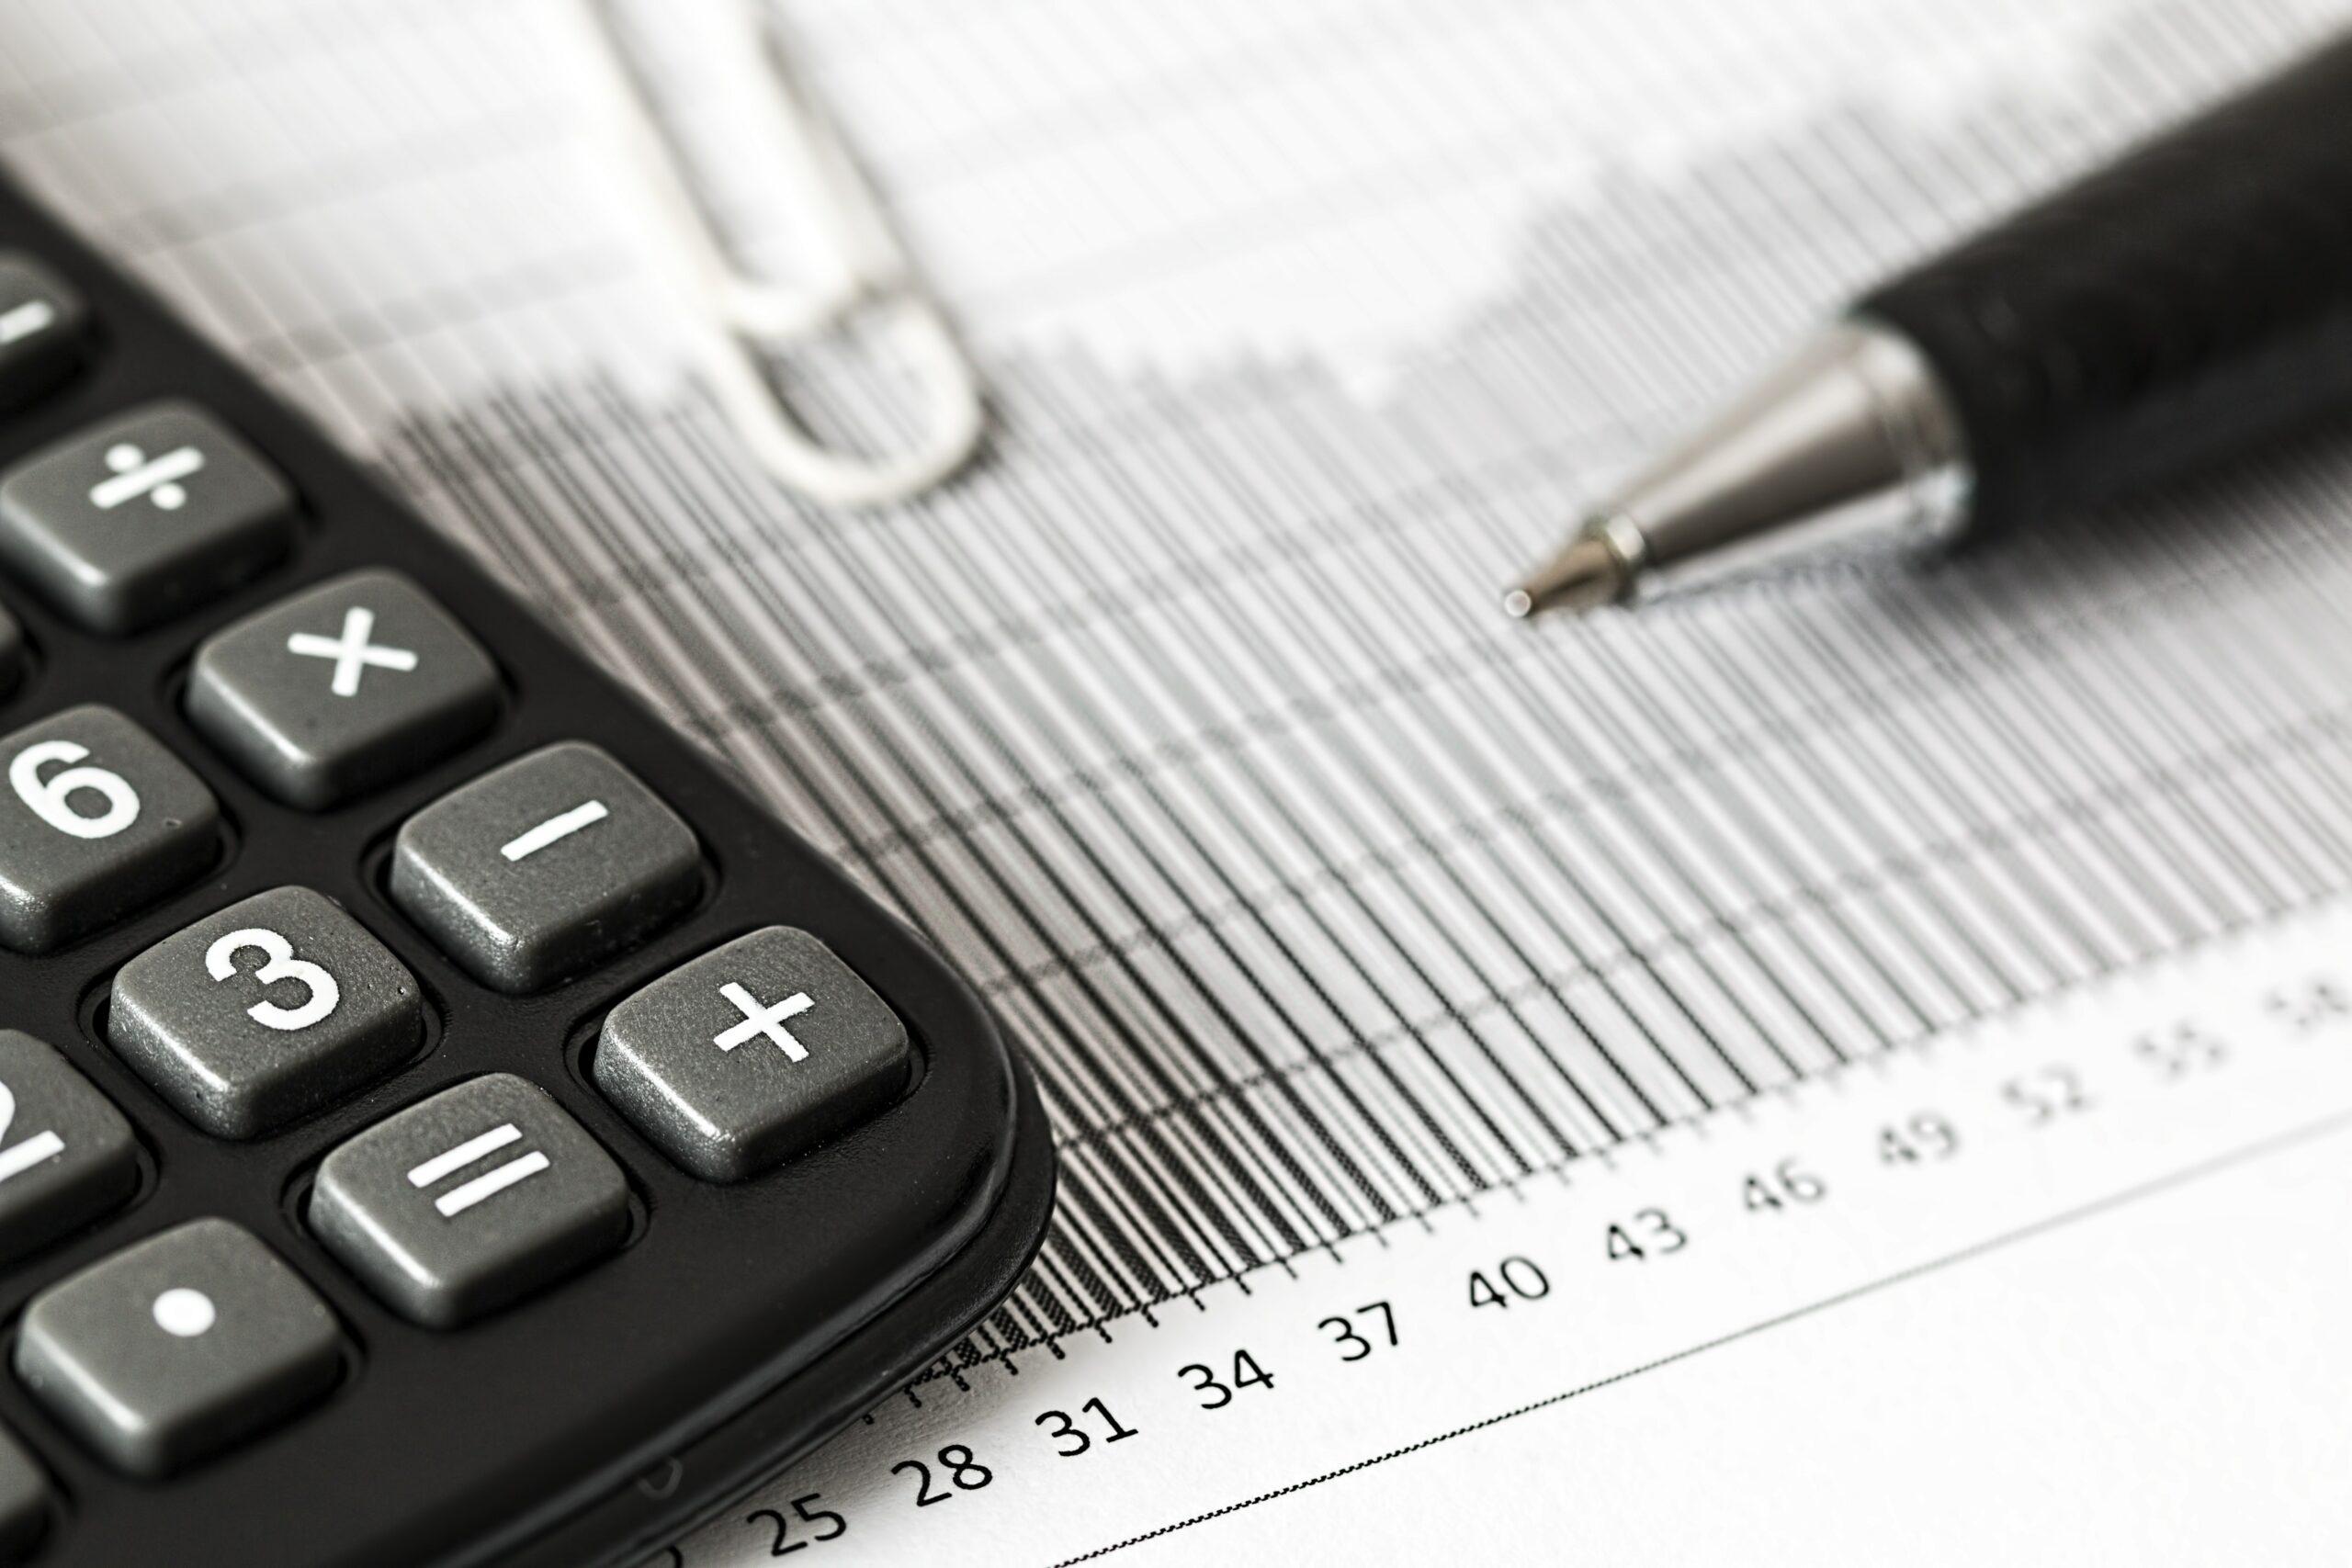 accounting tools and balance sheets